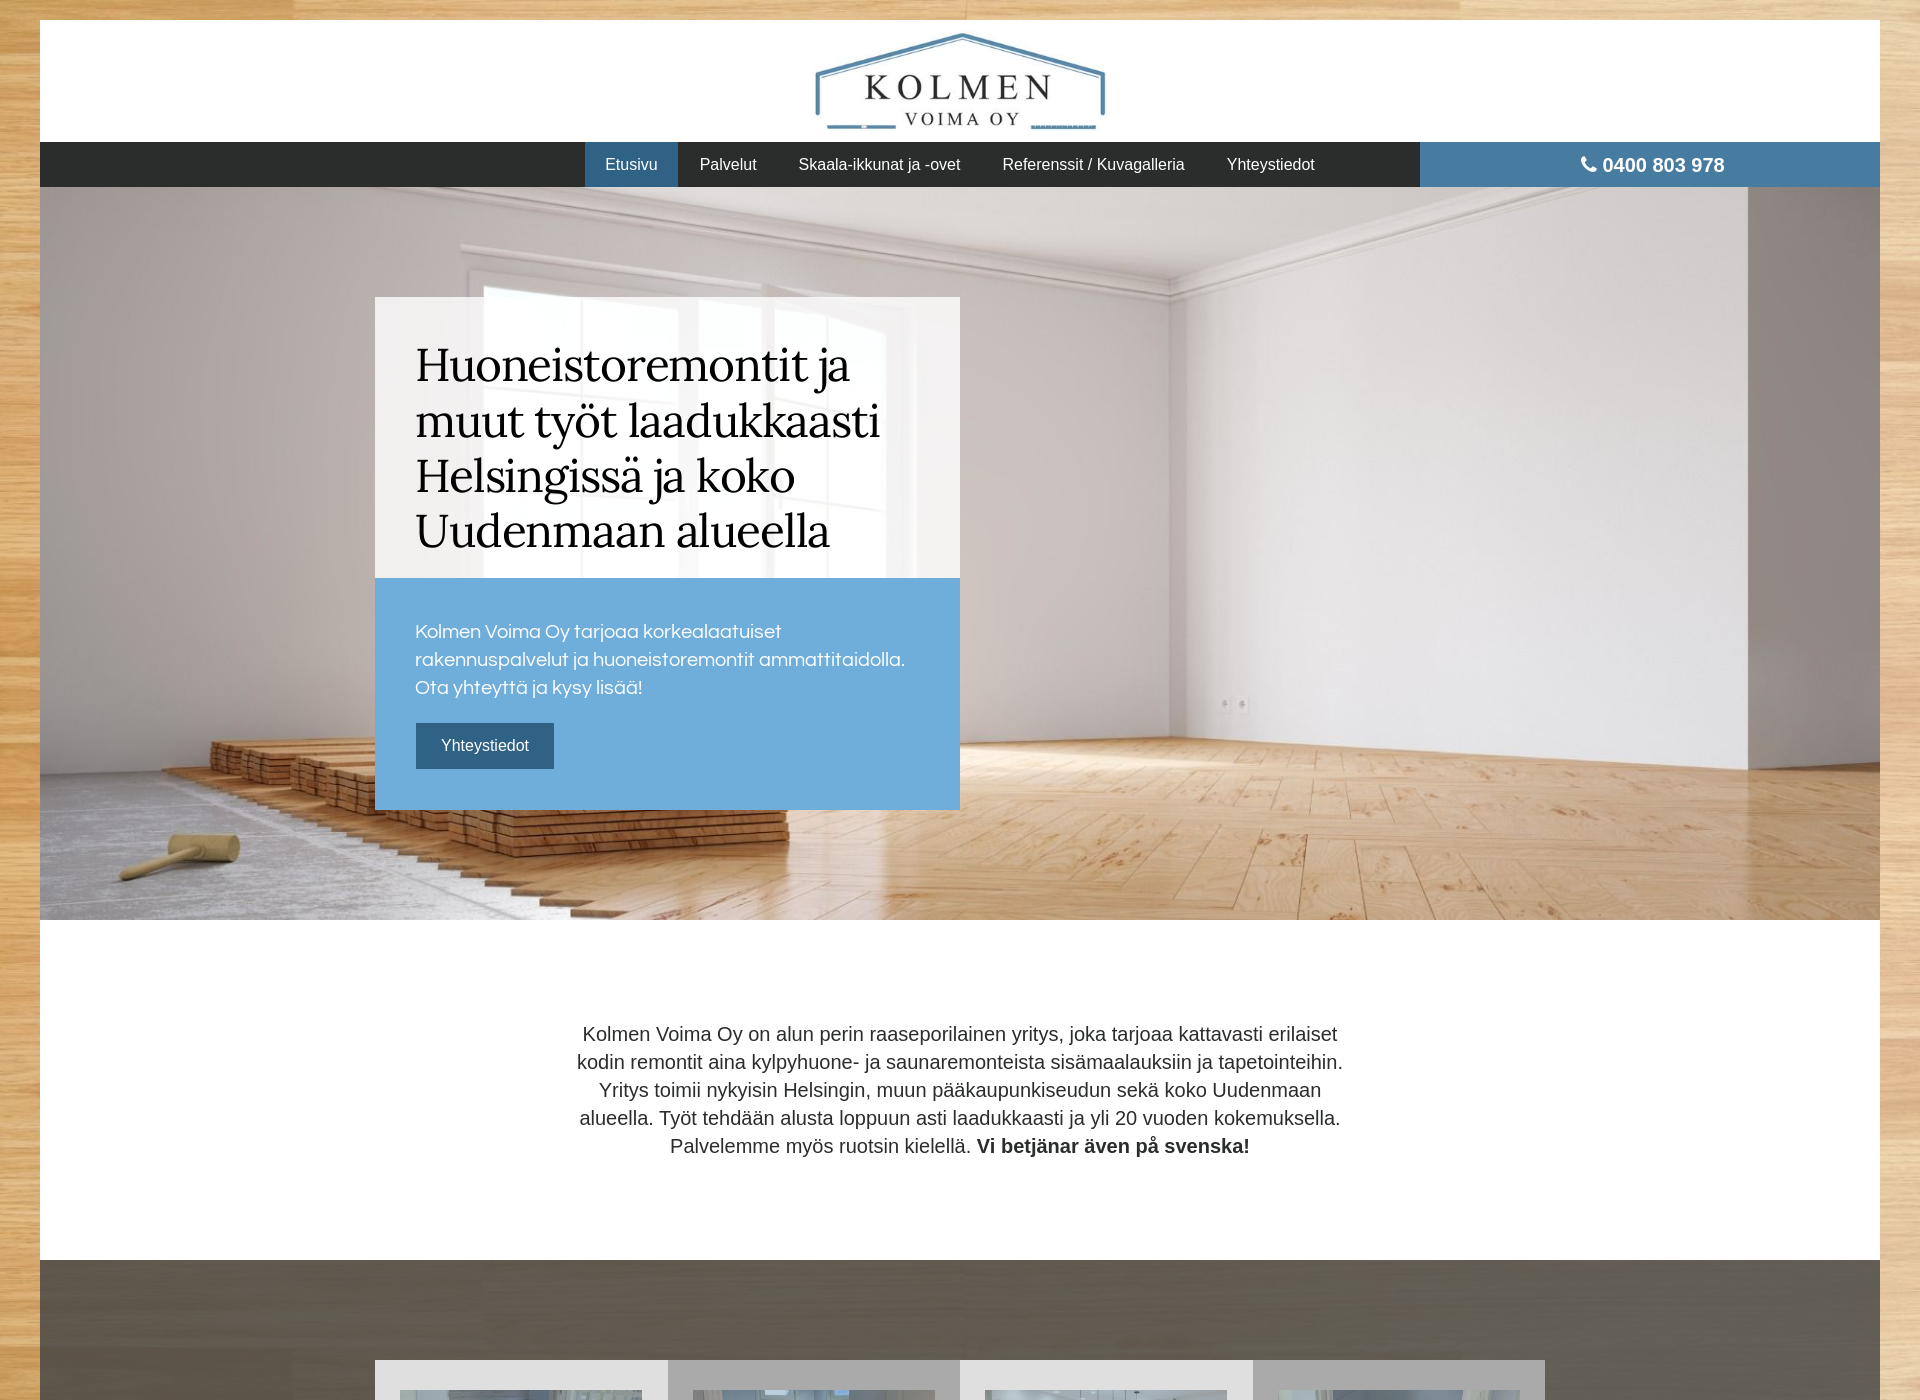 Screenshot for kolmenvoima.fi